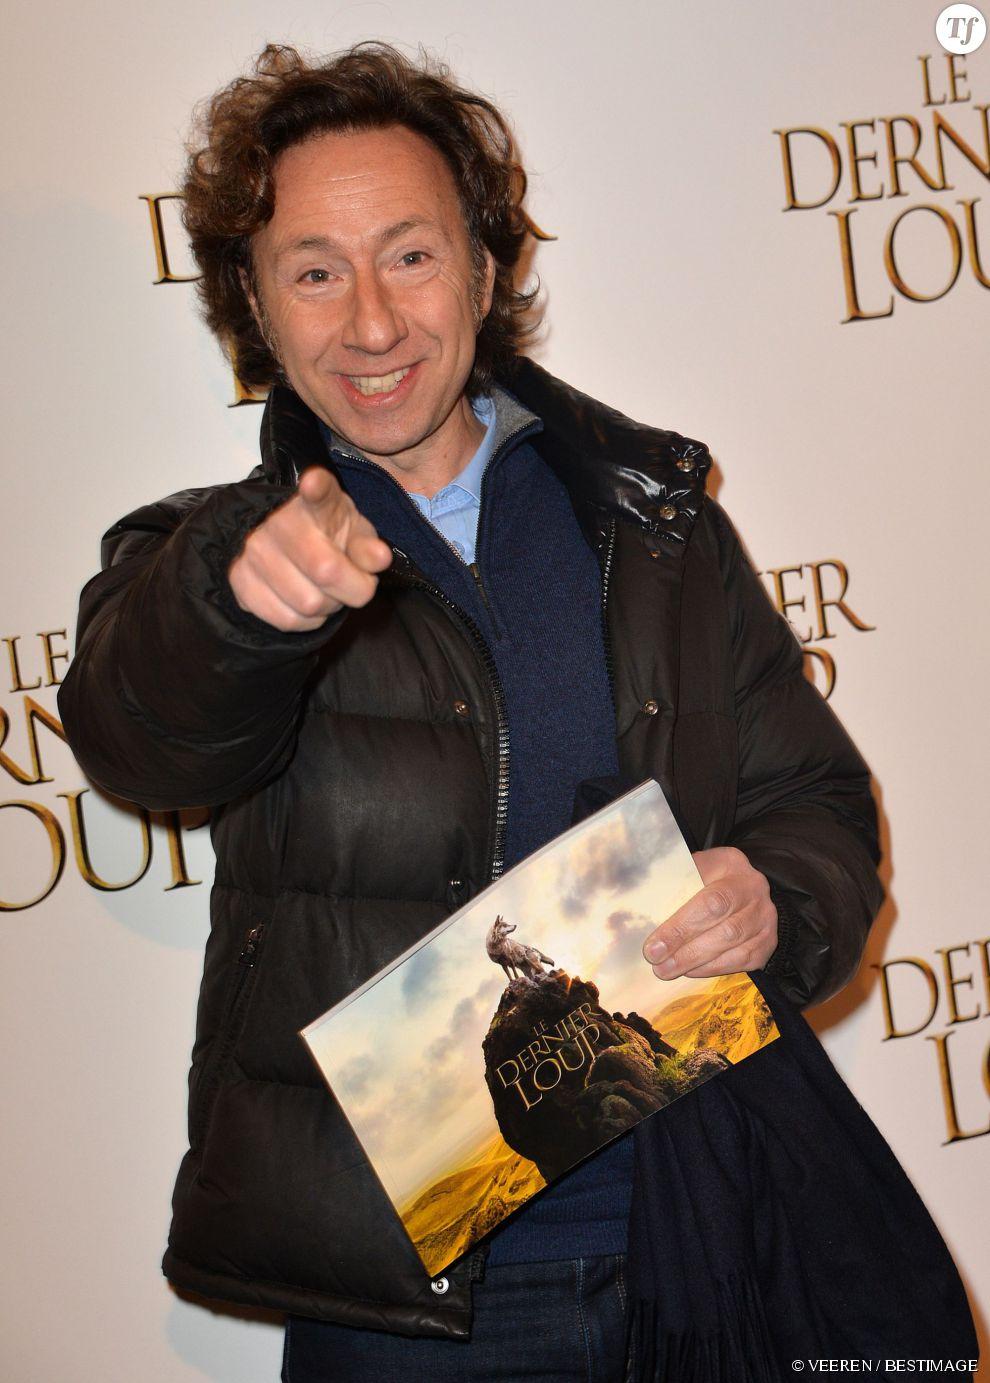 """Stéphane Bern à l'avant-première du film """"Le dernier Loup"""" à l'UGC Normandie sur les Champs-Elysées à Paris, le 16 février 2015."""